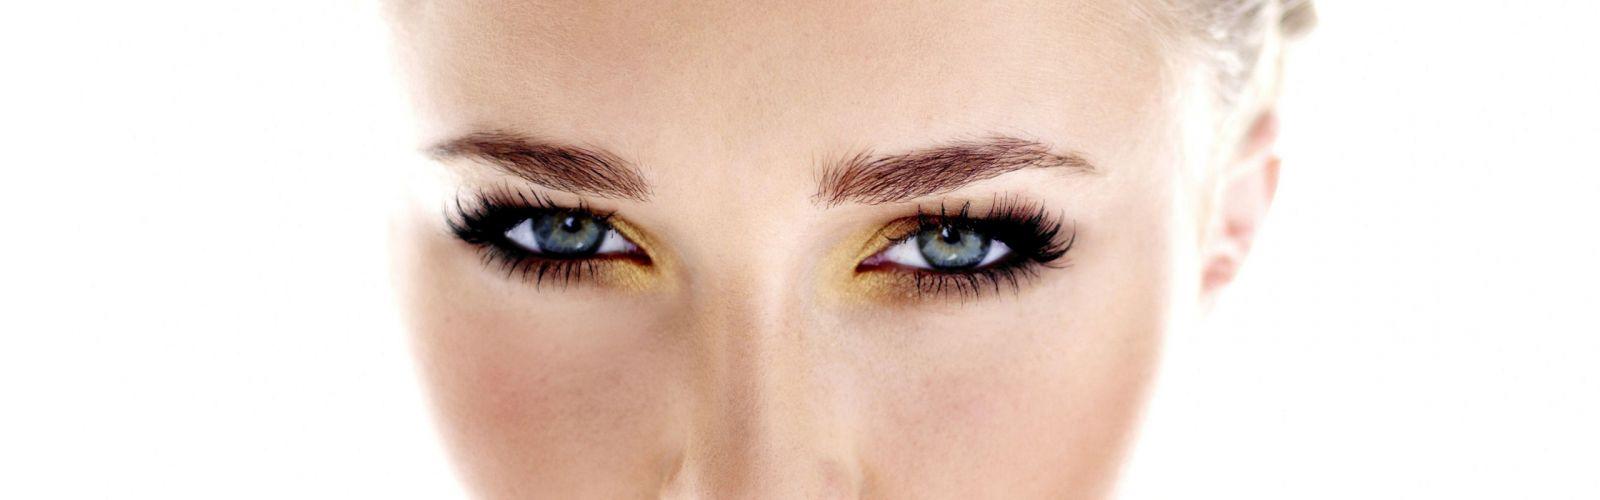 women eyes actress Hayden Panettiere celebrity wallpaper